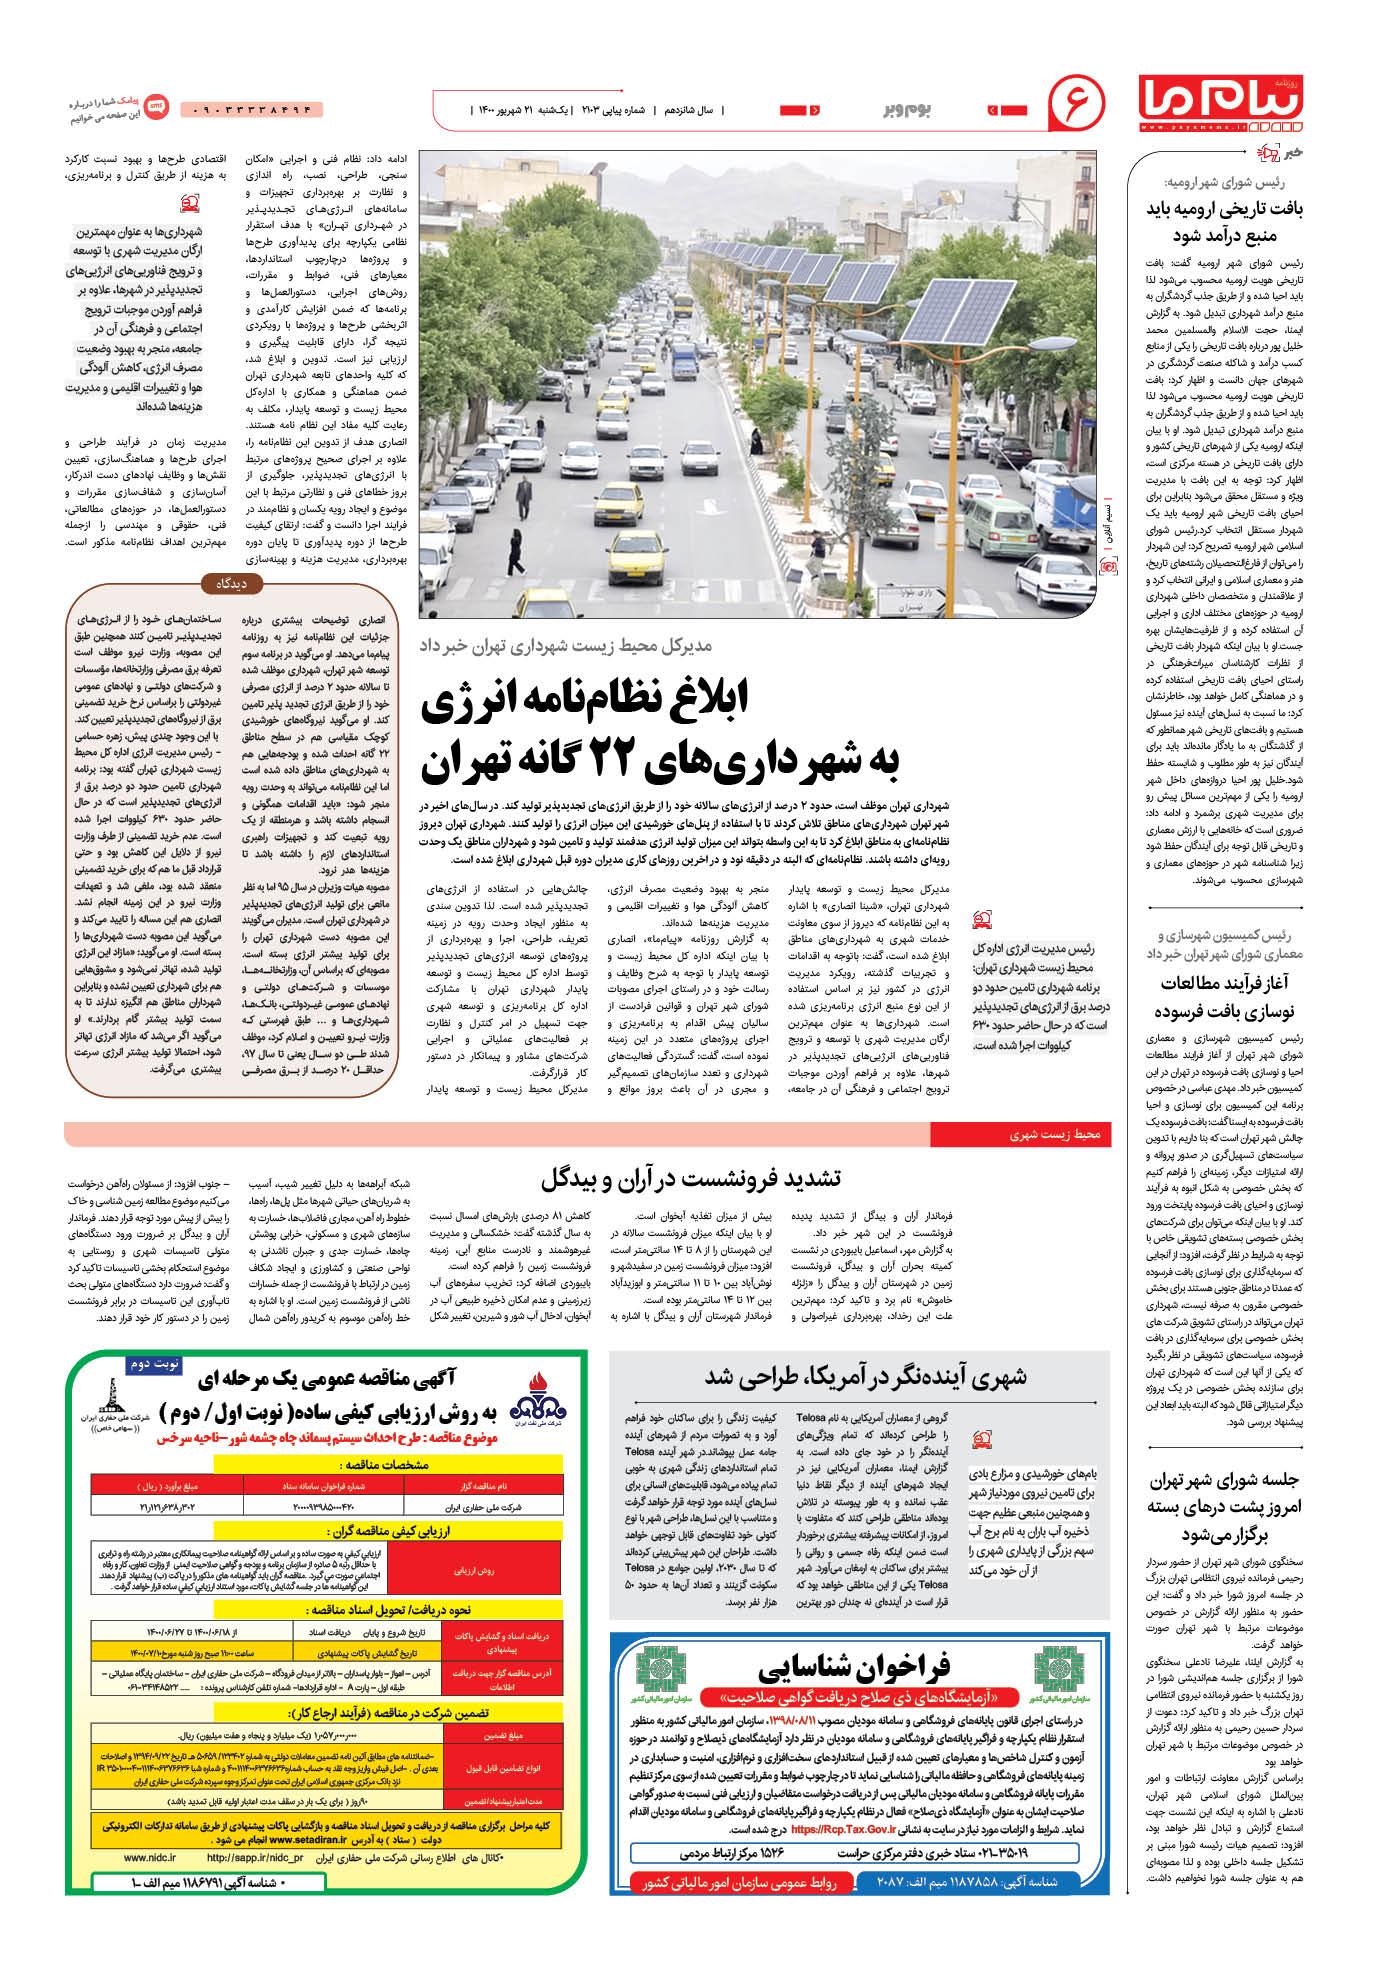 صفحه بوم و بر شماره 2103 روزنامه پیام ما